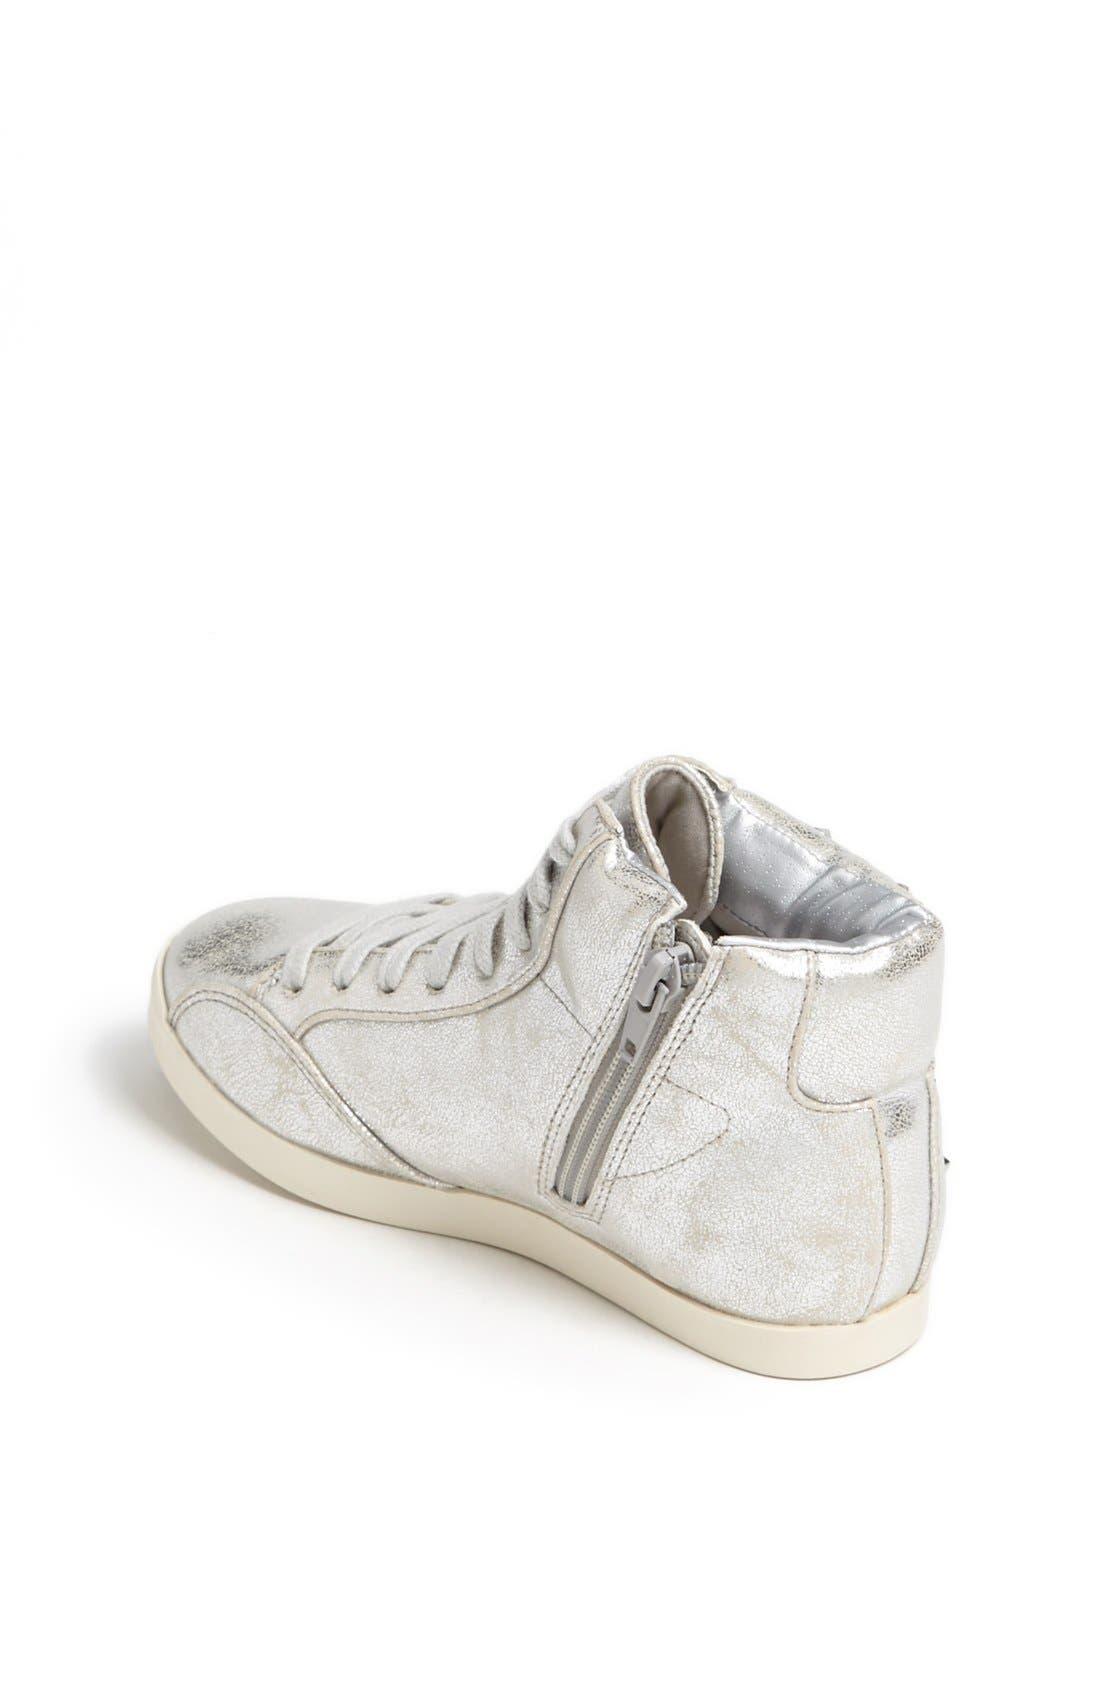 Alternate Image 2  - Steve Madden 'Tizzy' Stud Sneaker (Toddler)